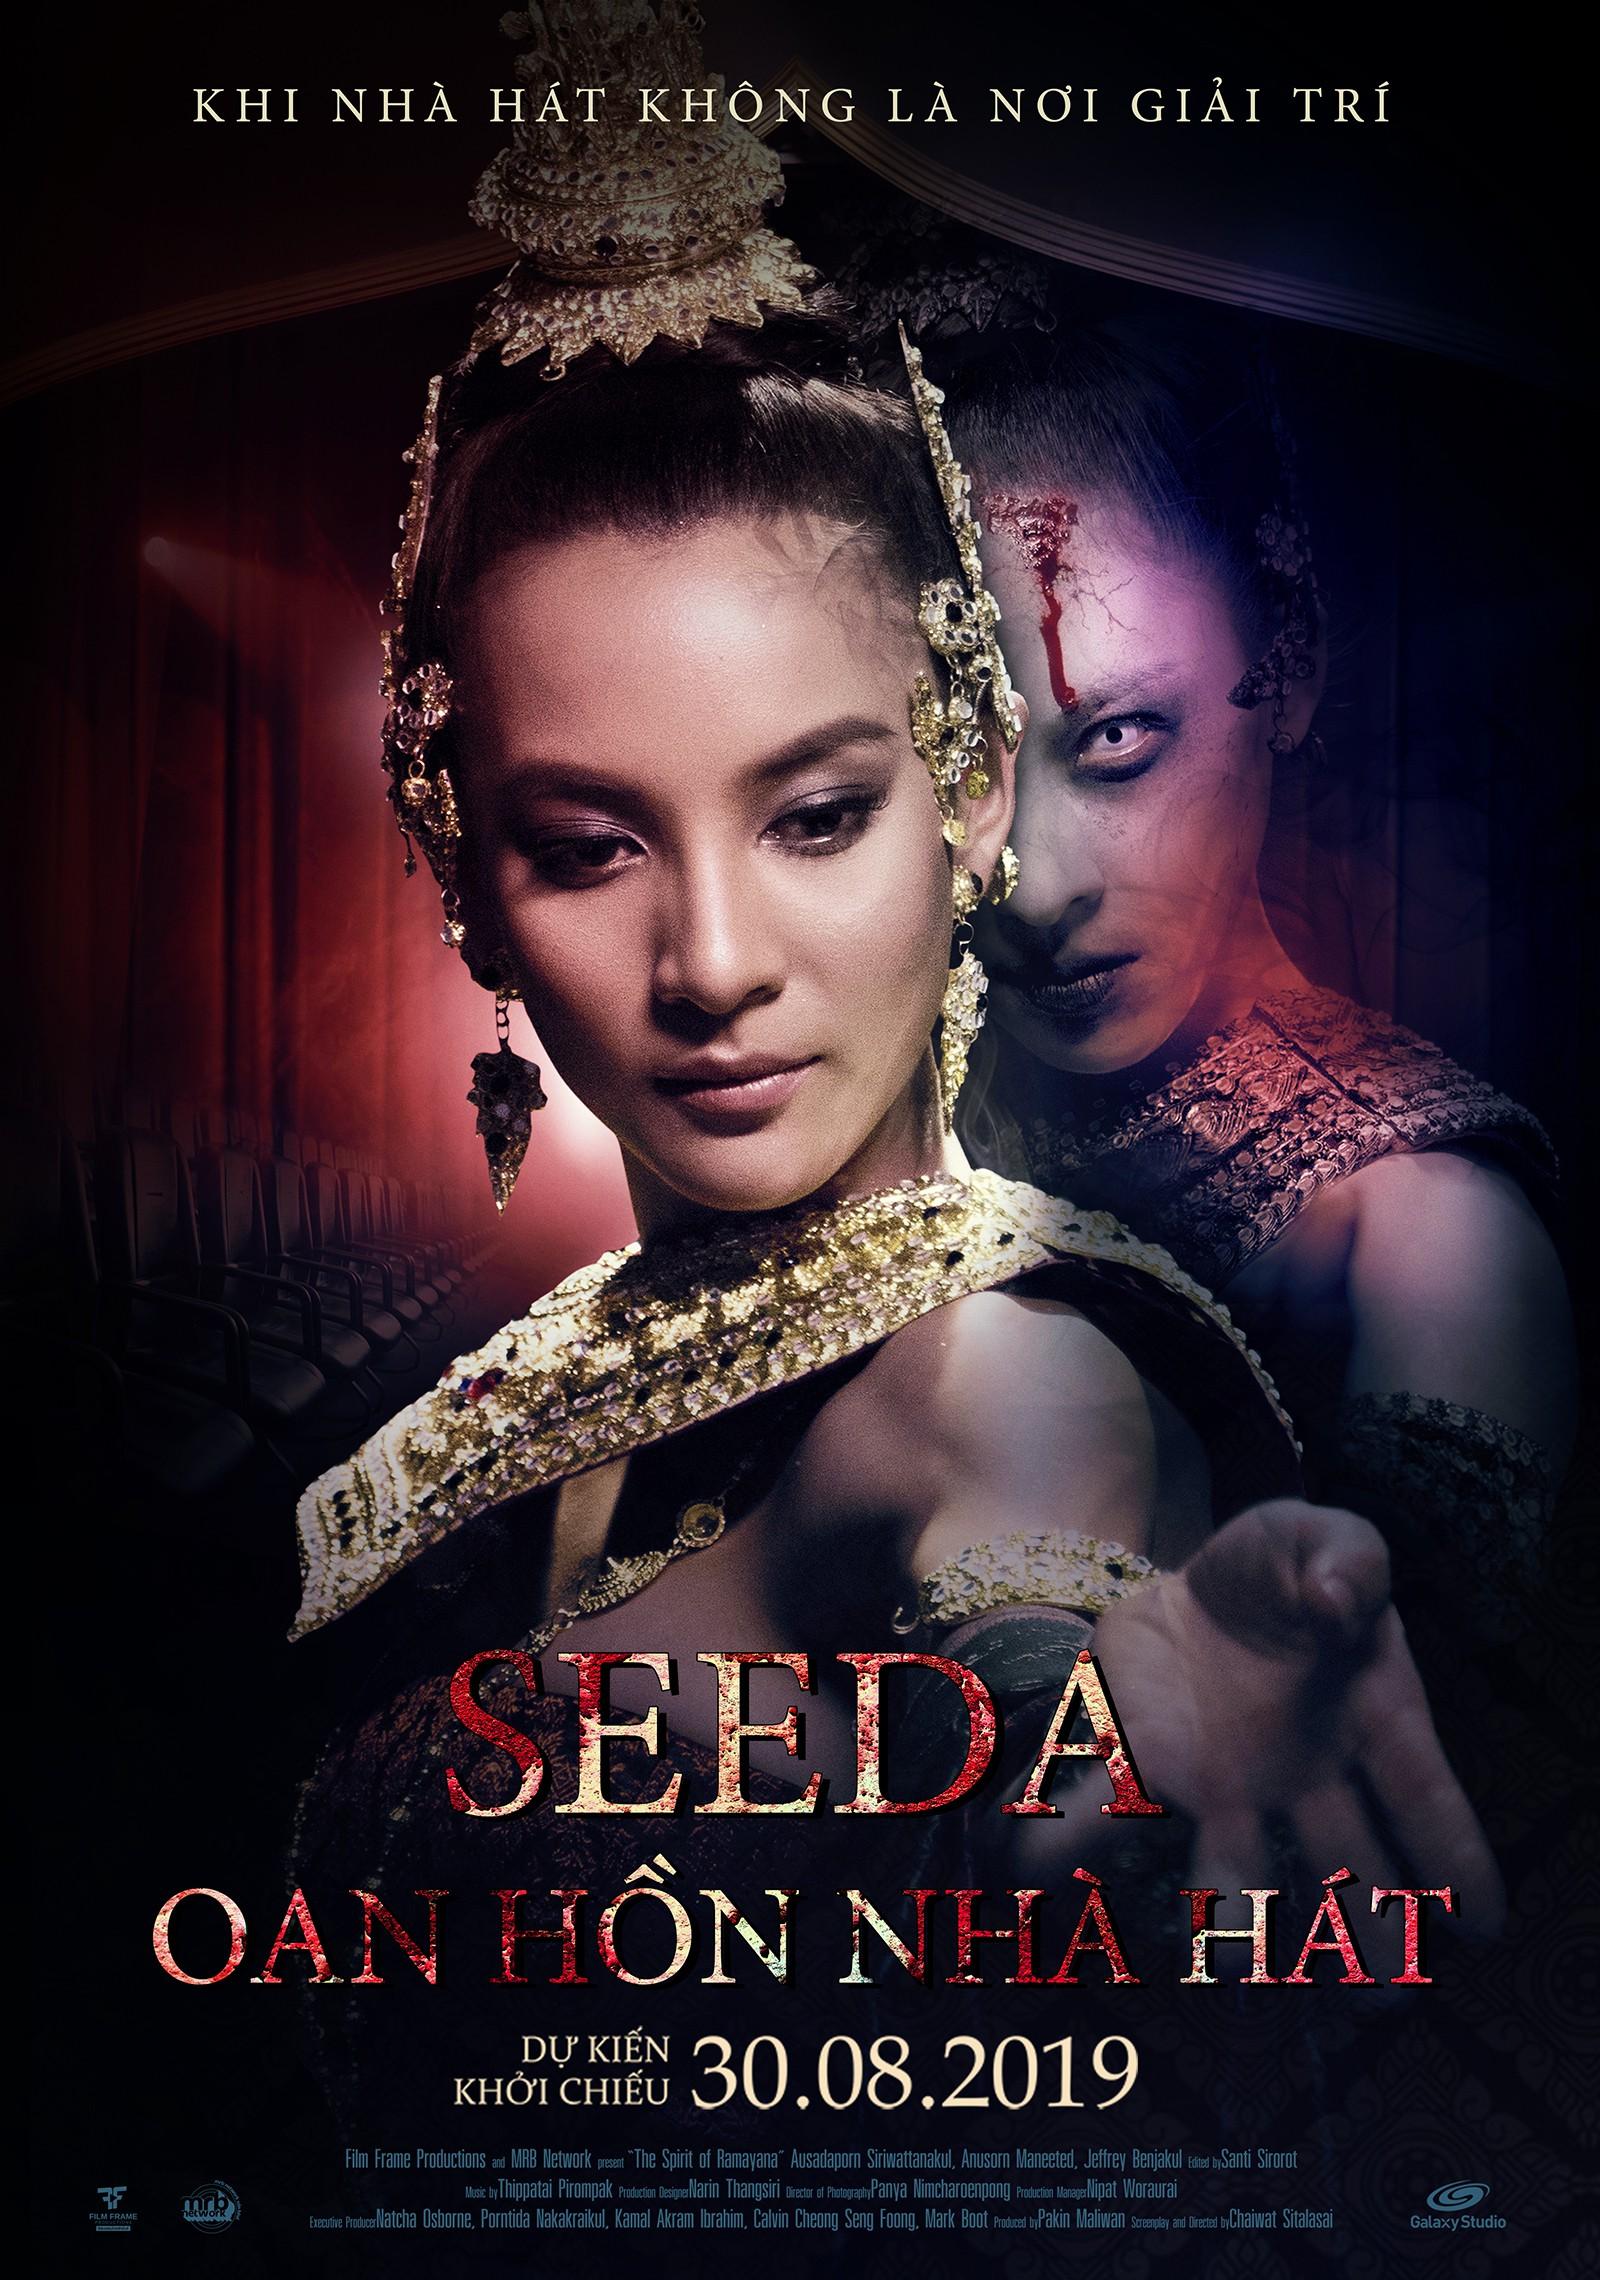 """Phim ma Thái """"Seeda: Oan hồn nhà hát"""" tung trailer khiến ai cũng phải rùng mình - Ảnh 1."""